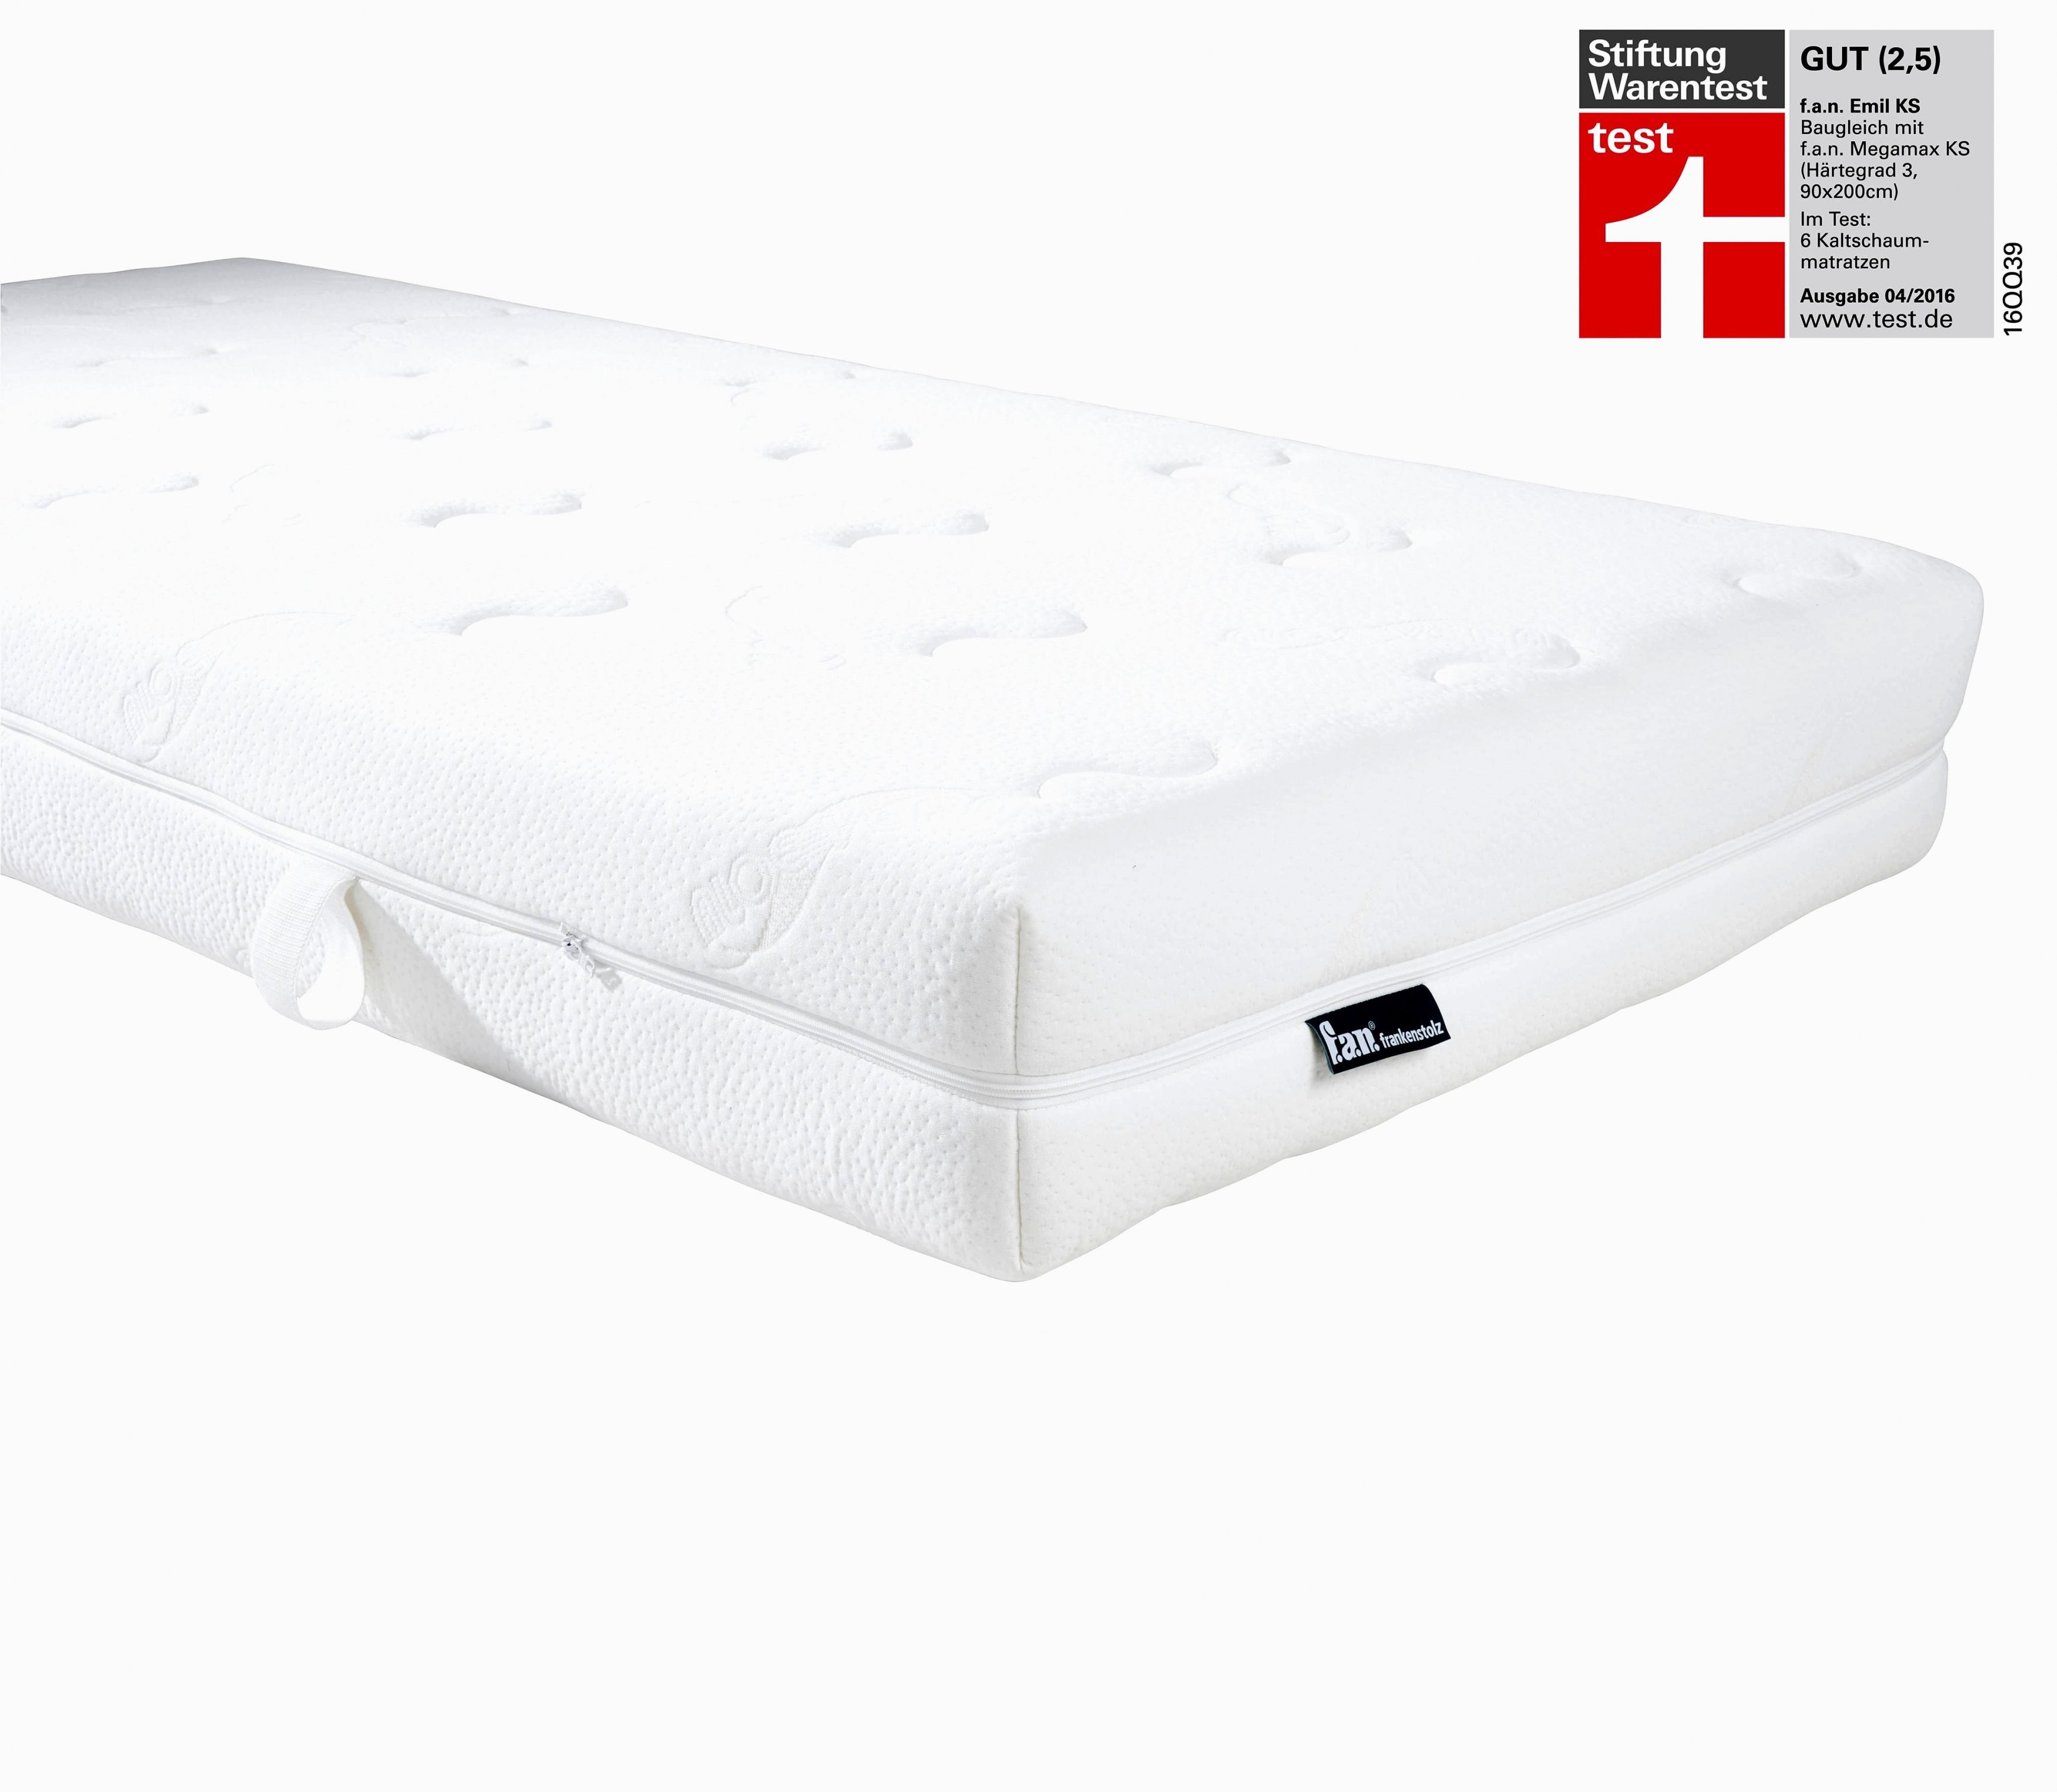 Erstaunlich Bett Matratzen Test Zum Fabelhaft Im Beautiful von Bett Matratzen Test Photo